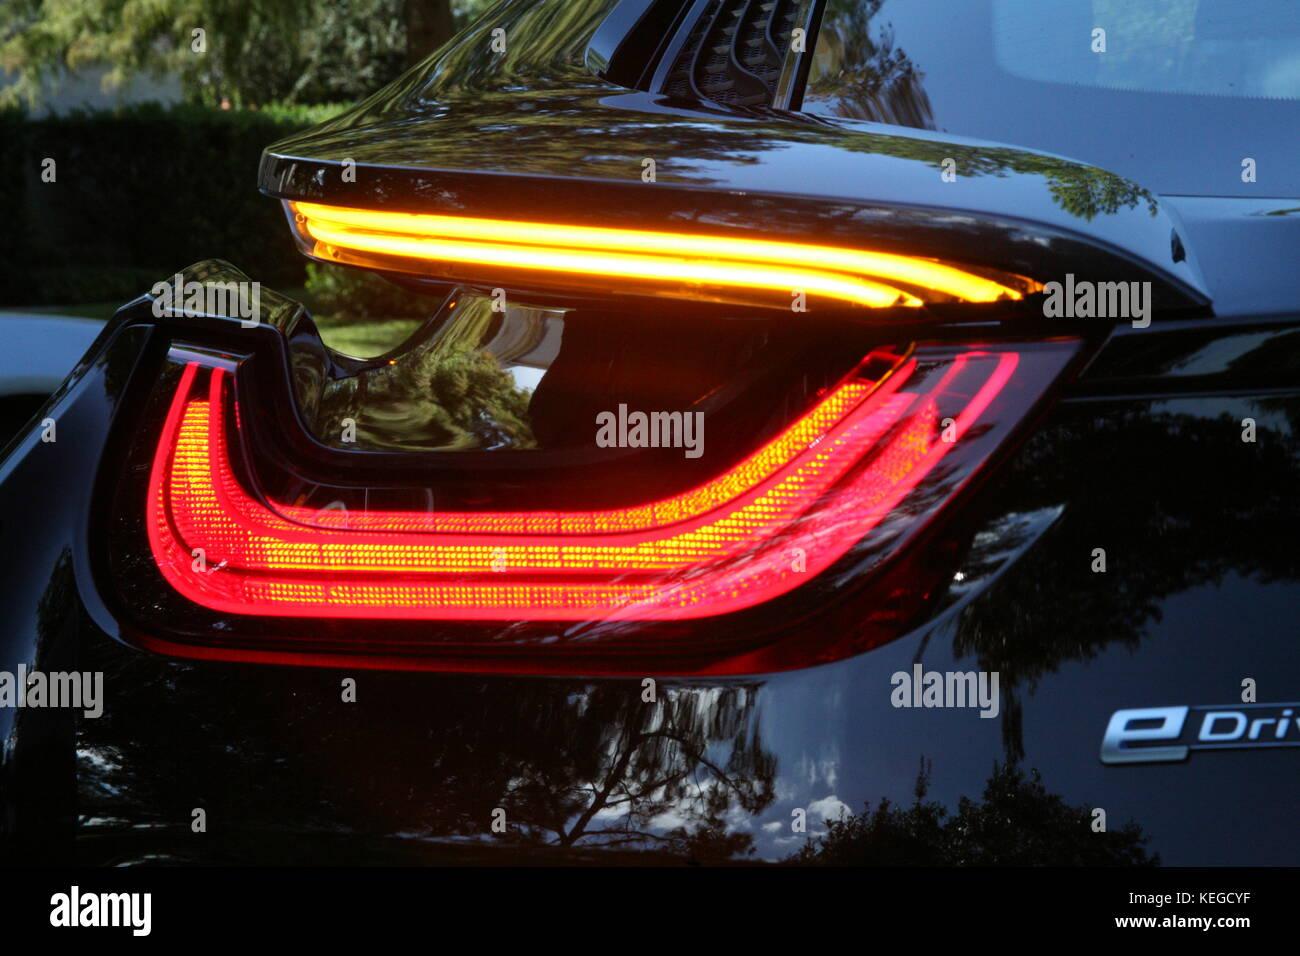 Electric super car ....design di luci Immagini Stock